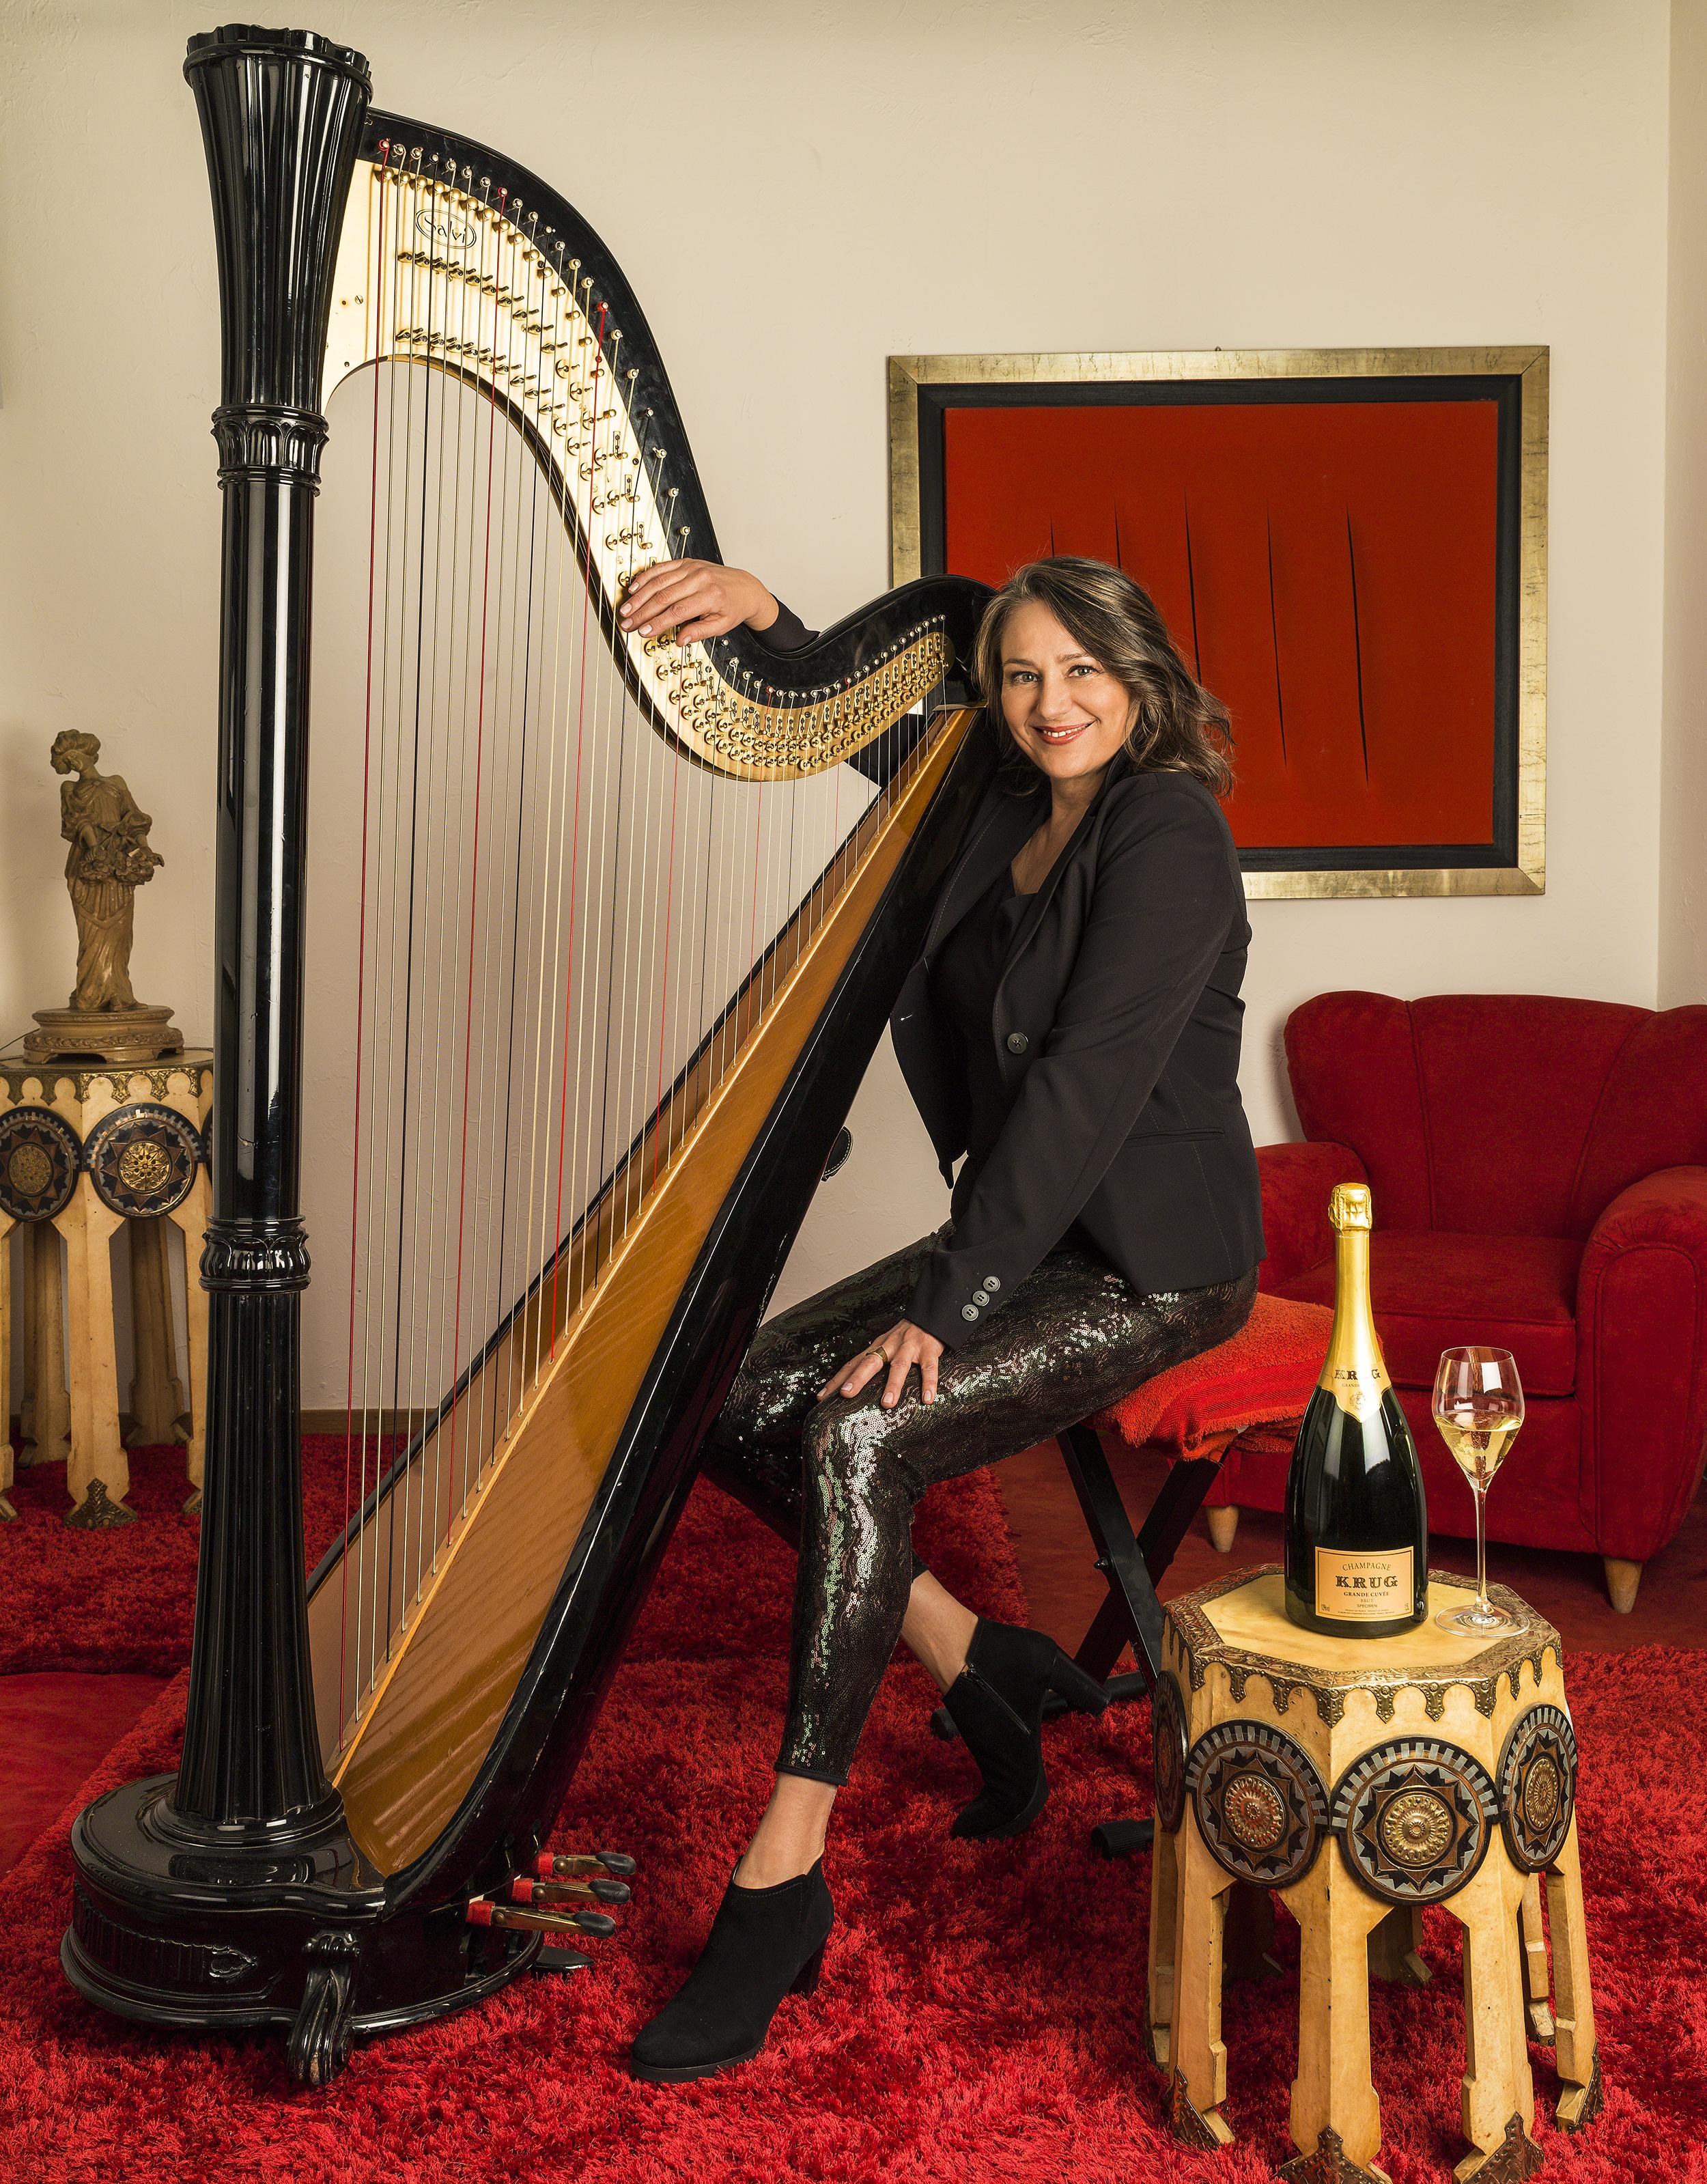 l'arpista Cecilia Chailly